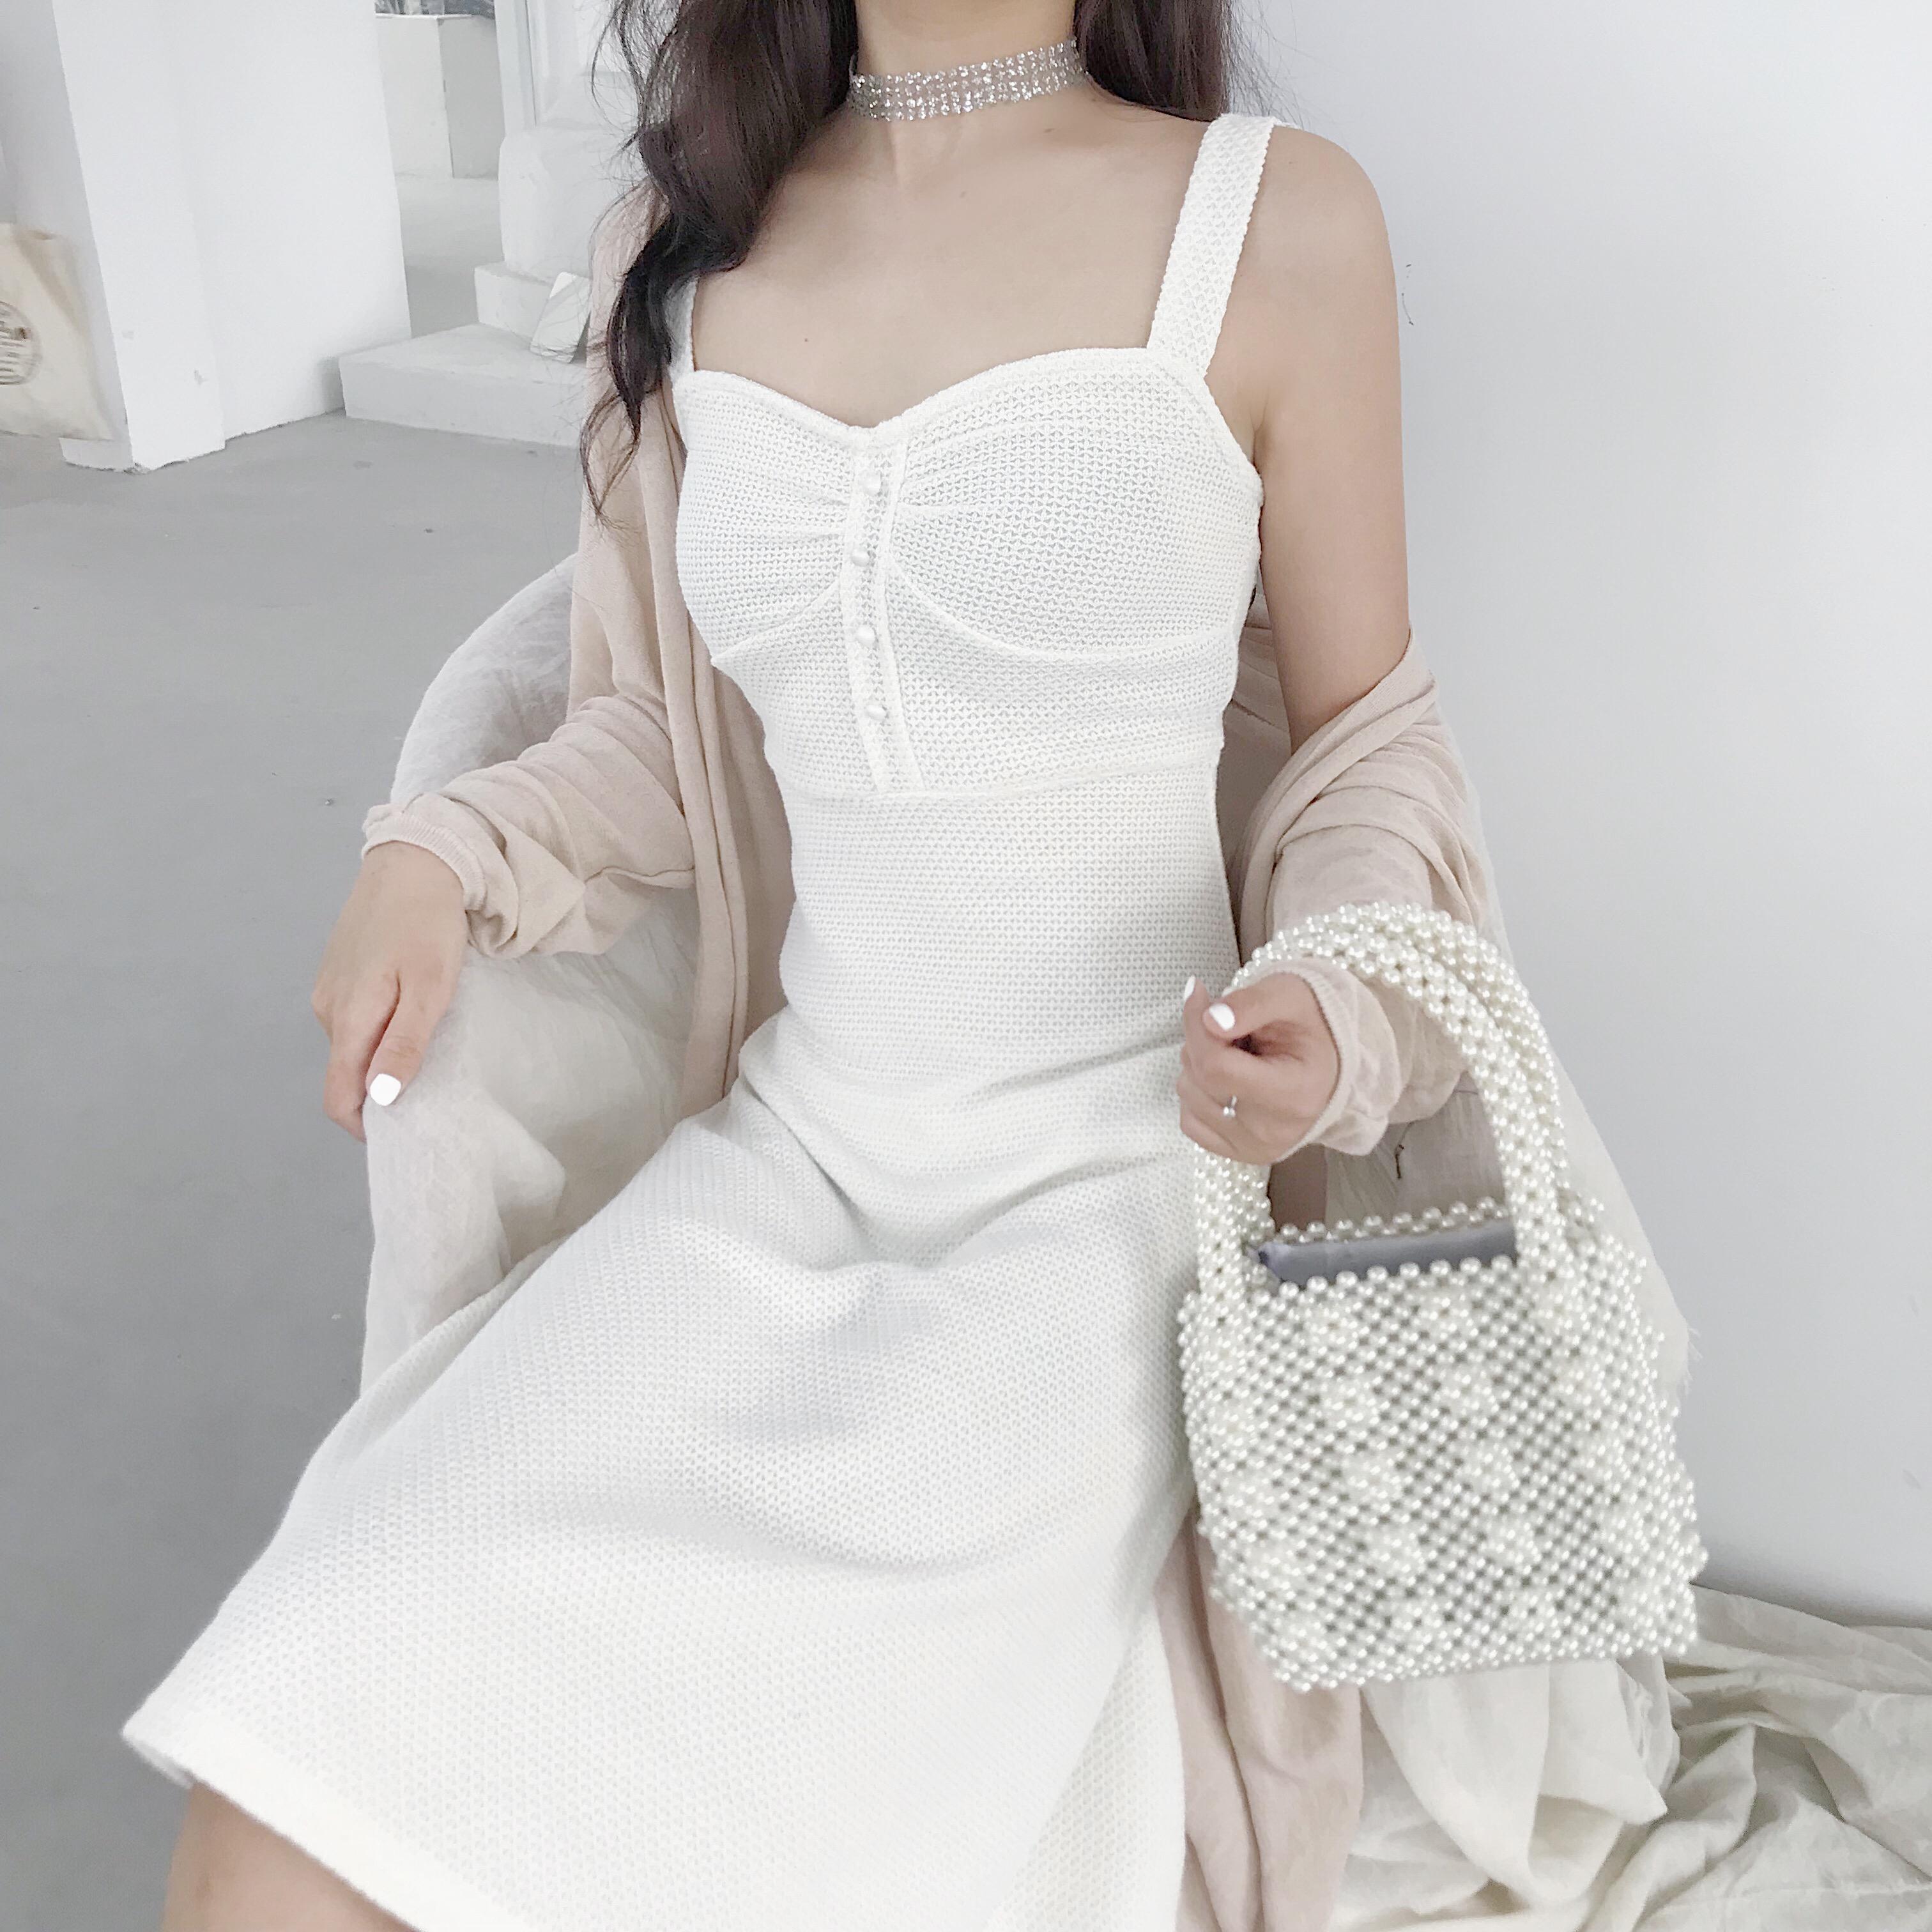 韩国chic收腰显瘦时尚纯色小心机设计感百搭甜美弹力吊带裙连衣裙